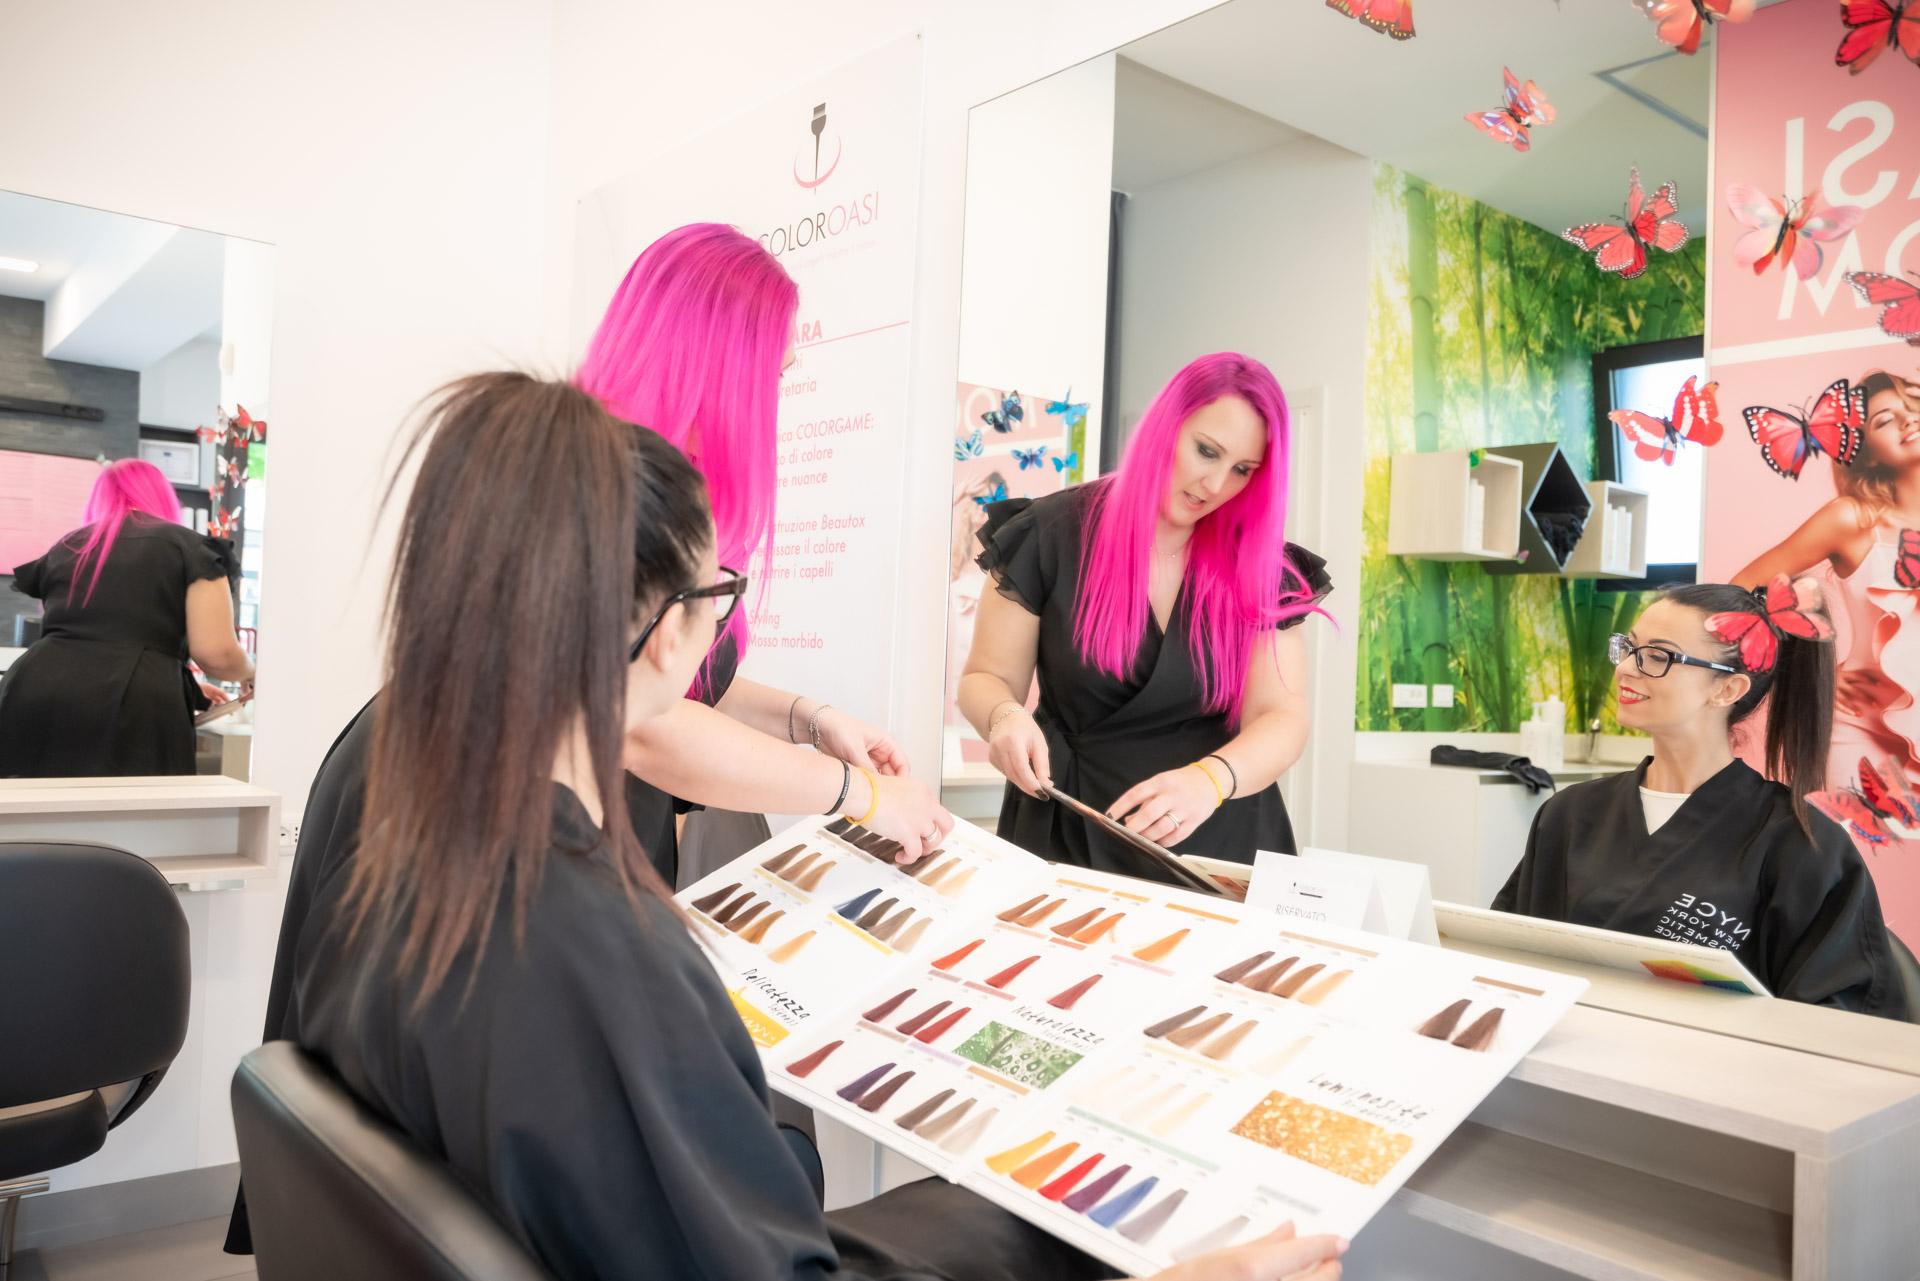 colorare i capelli a padova